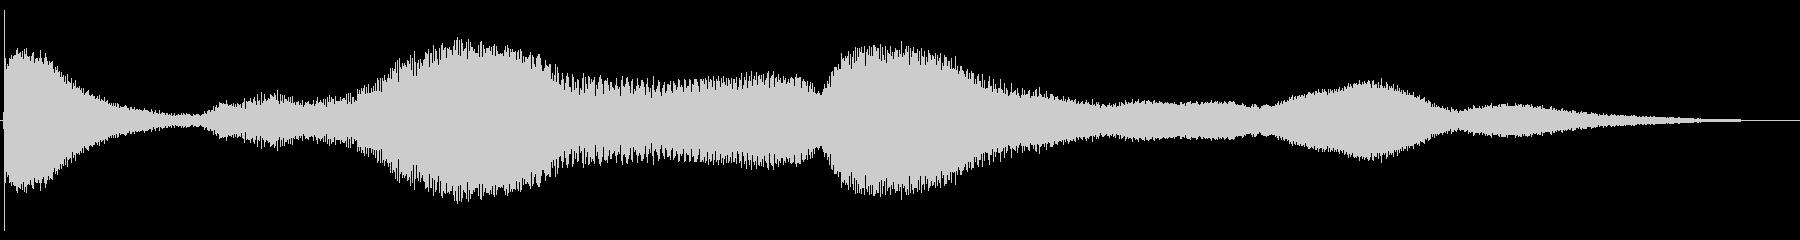 ベルヒットアンドライズ2の未再生の波形